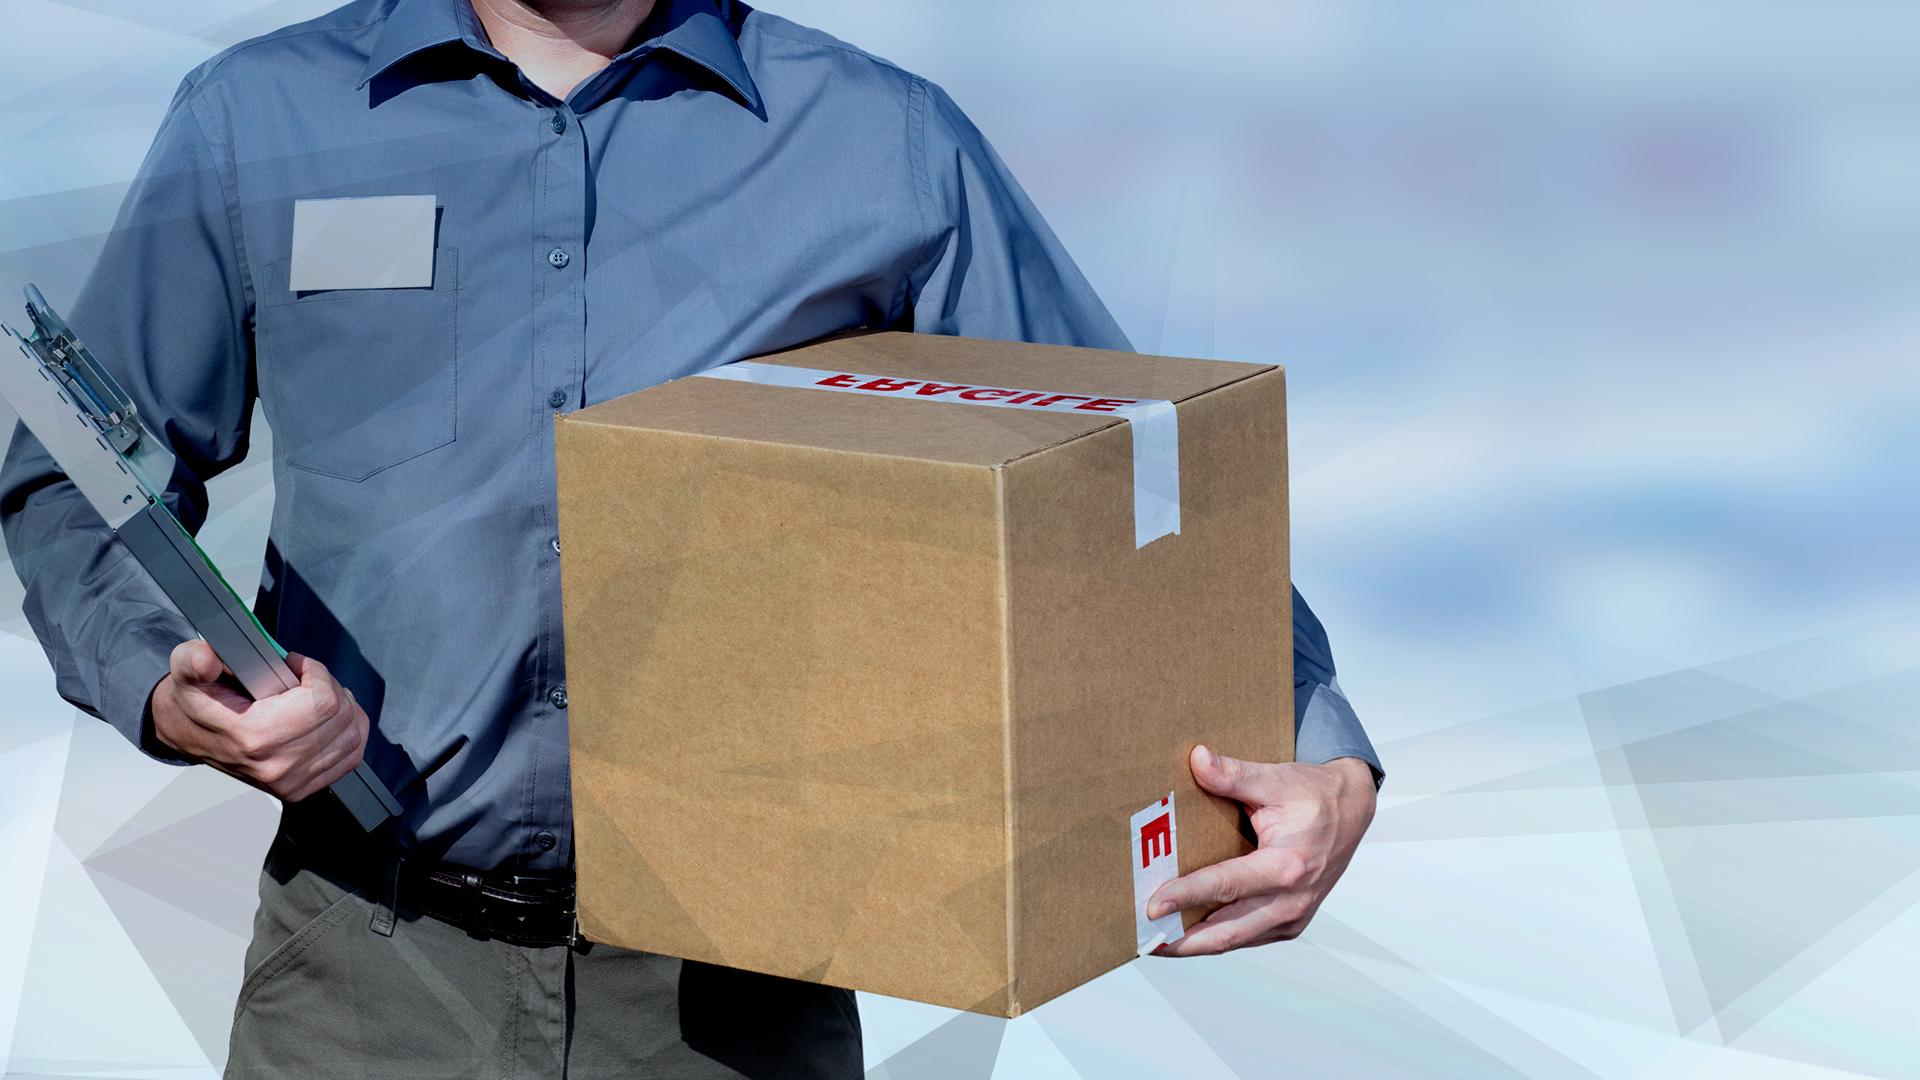 shopping, E-Commerce, Handel, Logistik, Paket, Auslieferung, Zustellung, Kaufen, Post, Pakete, Paketdienst, Paketzusteller, Logistikunternehmen, Home Shopping, Versand-Paket, Paketverfolgung, Postbote, Briefbote, Bote, Übergabe